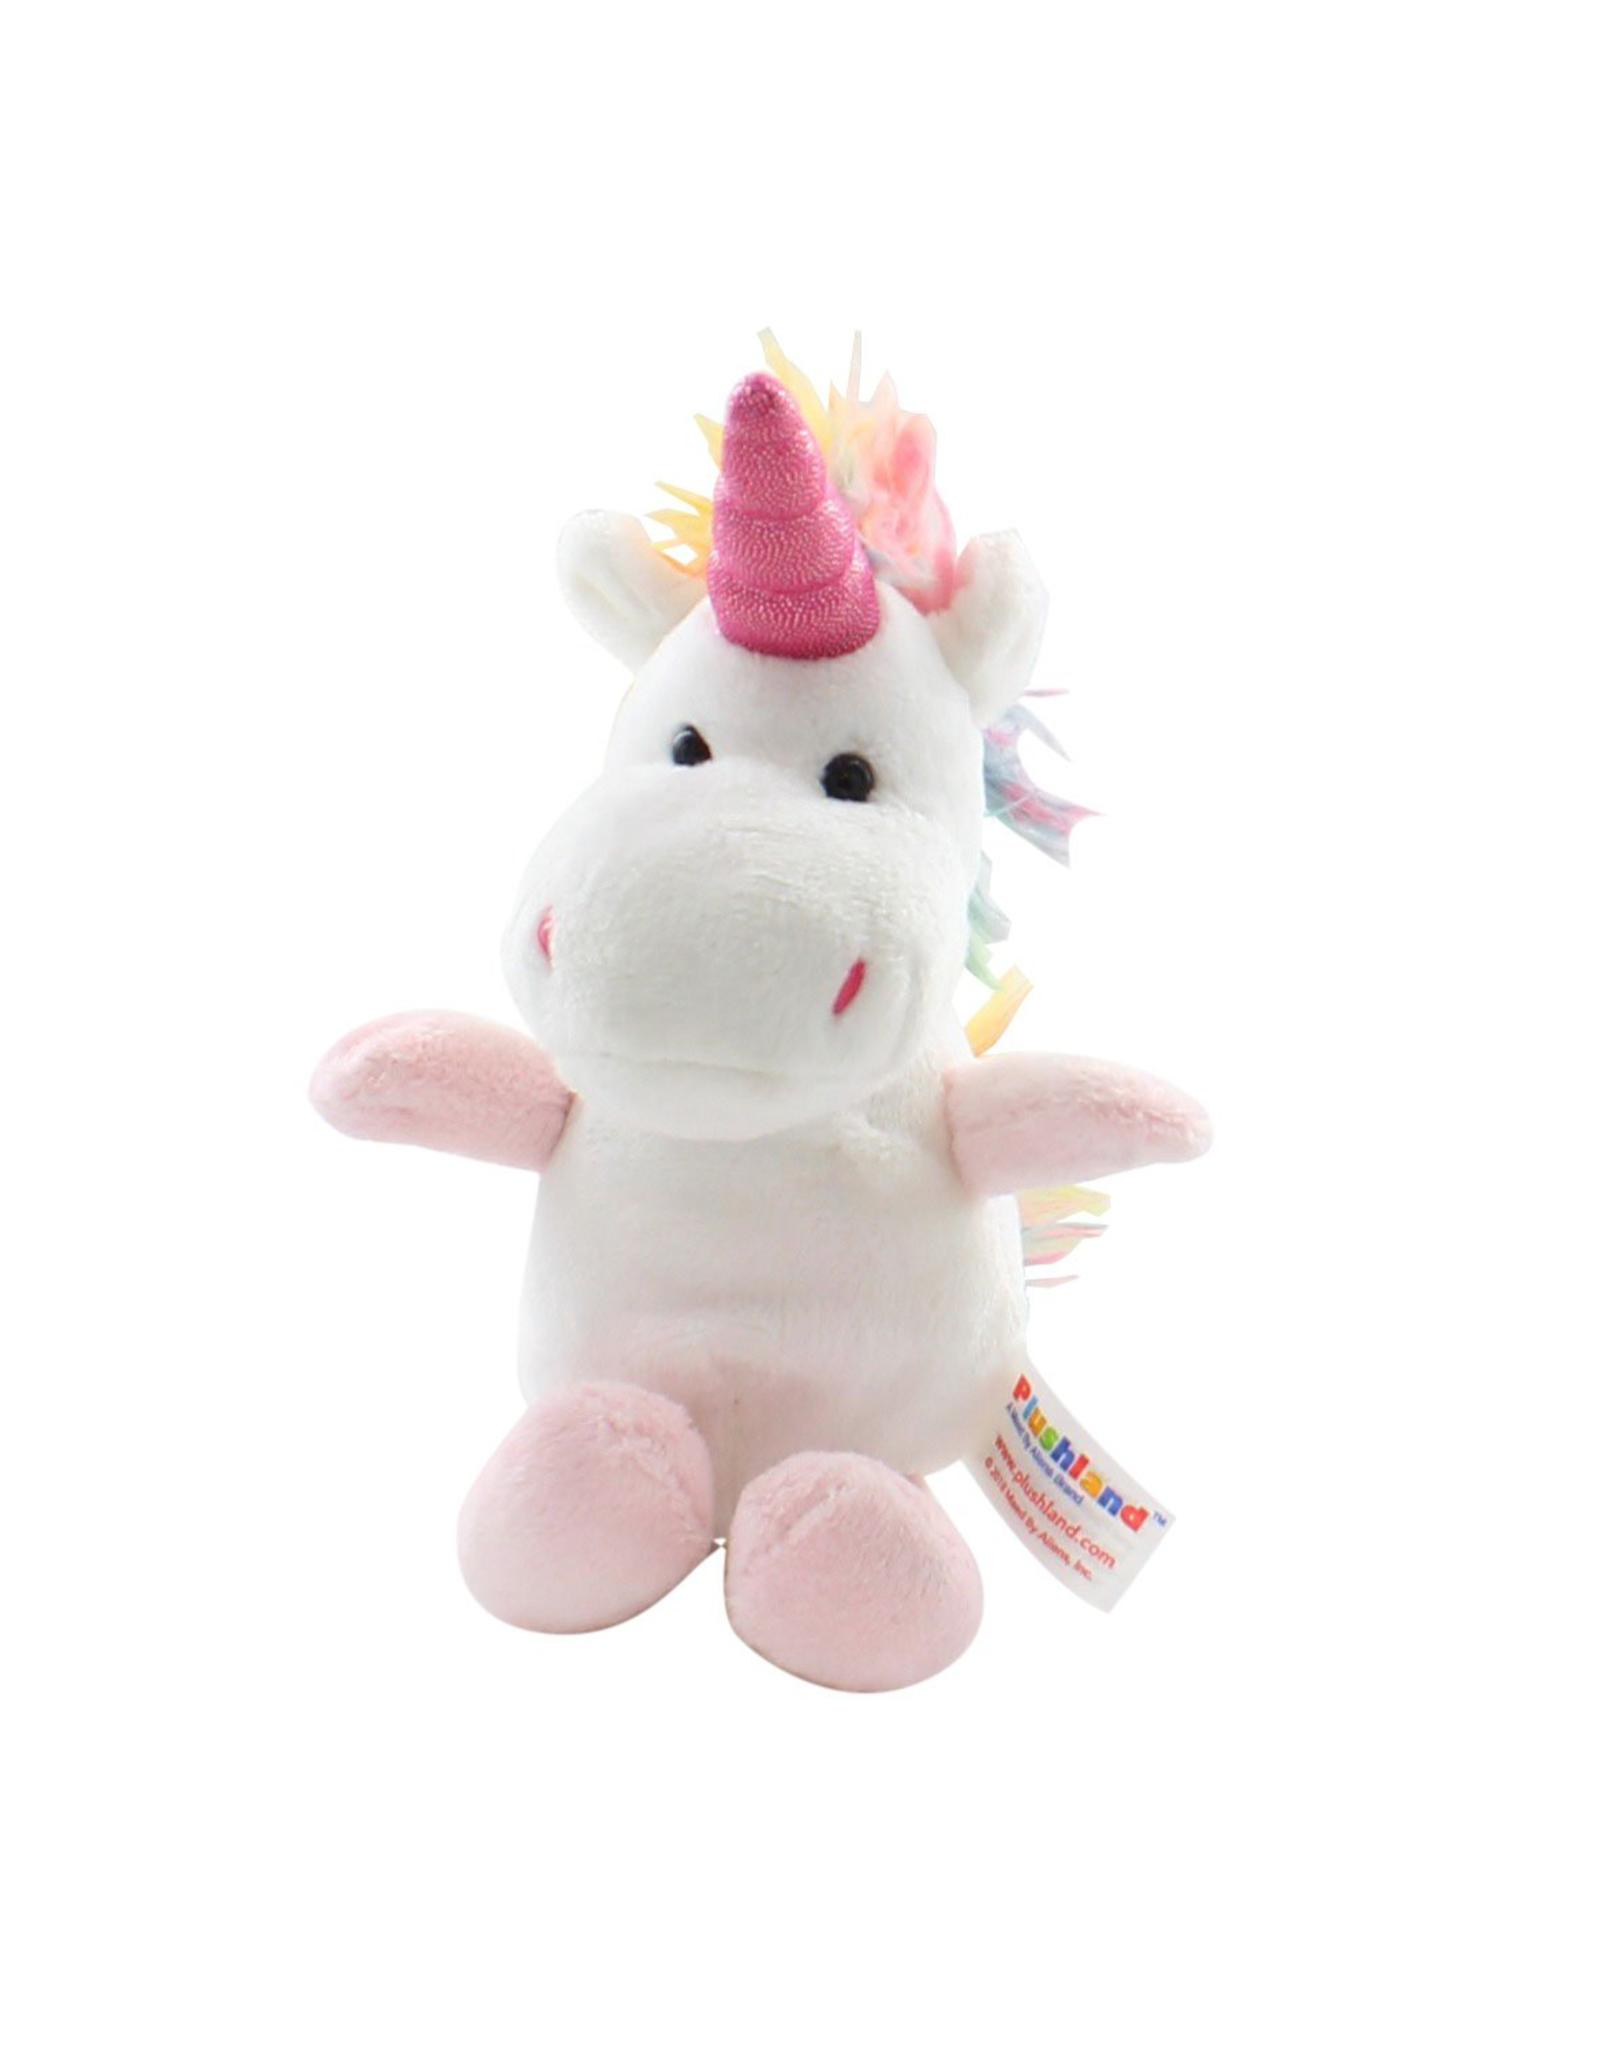 Plushland Magic Unicorn Plush